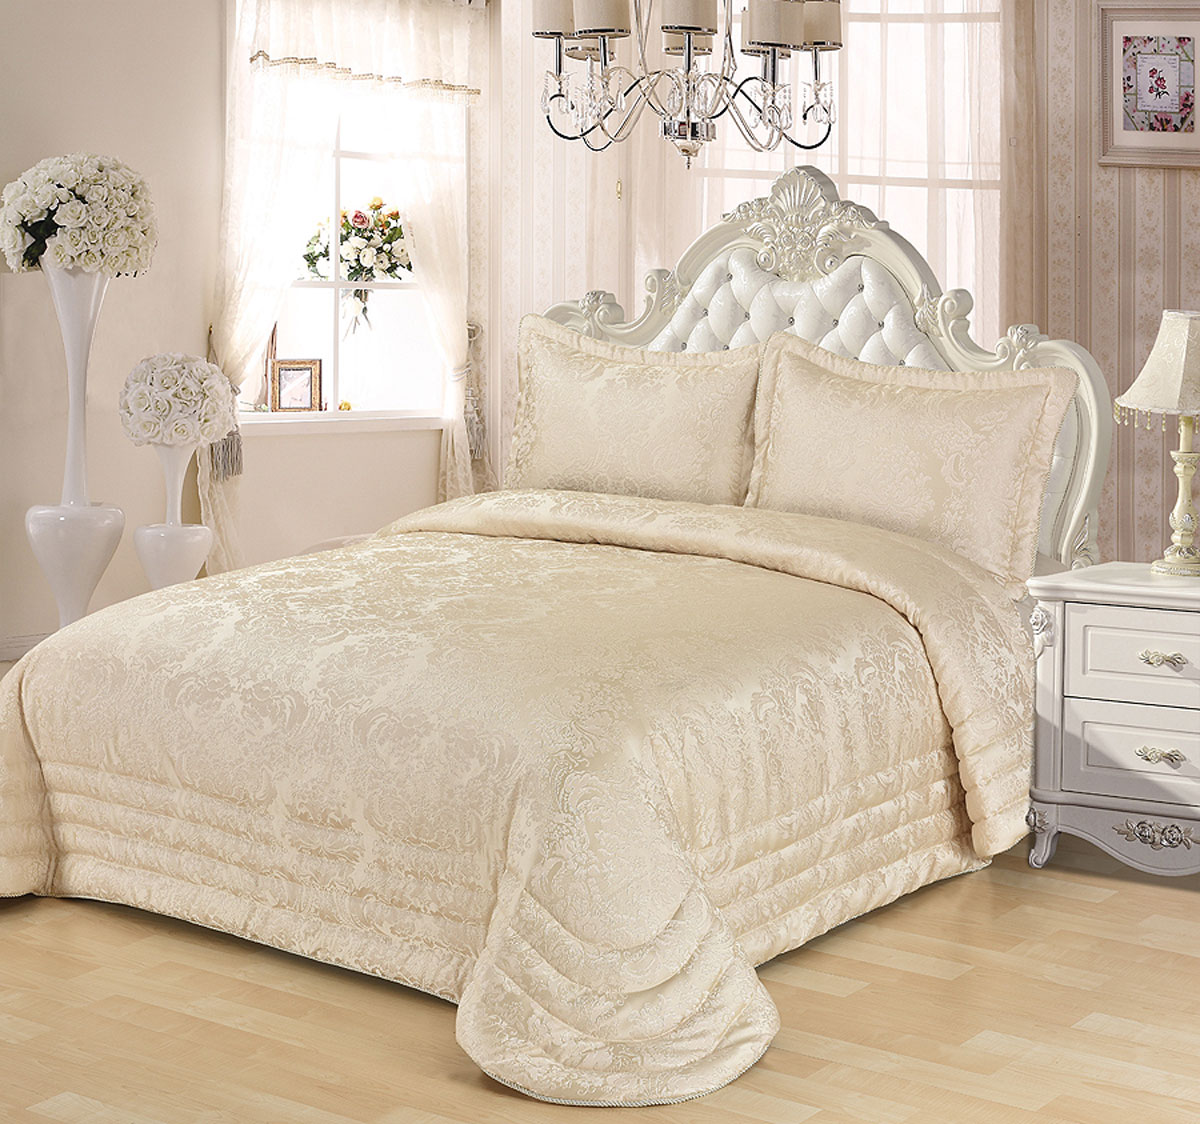 """Комплект для спальни Karna """"Evony"""", жаккард, покрывало 240 х 260 см, 2 наволочки 50 х 70 см, цвет: кремовый, 3 предмета"""